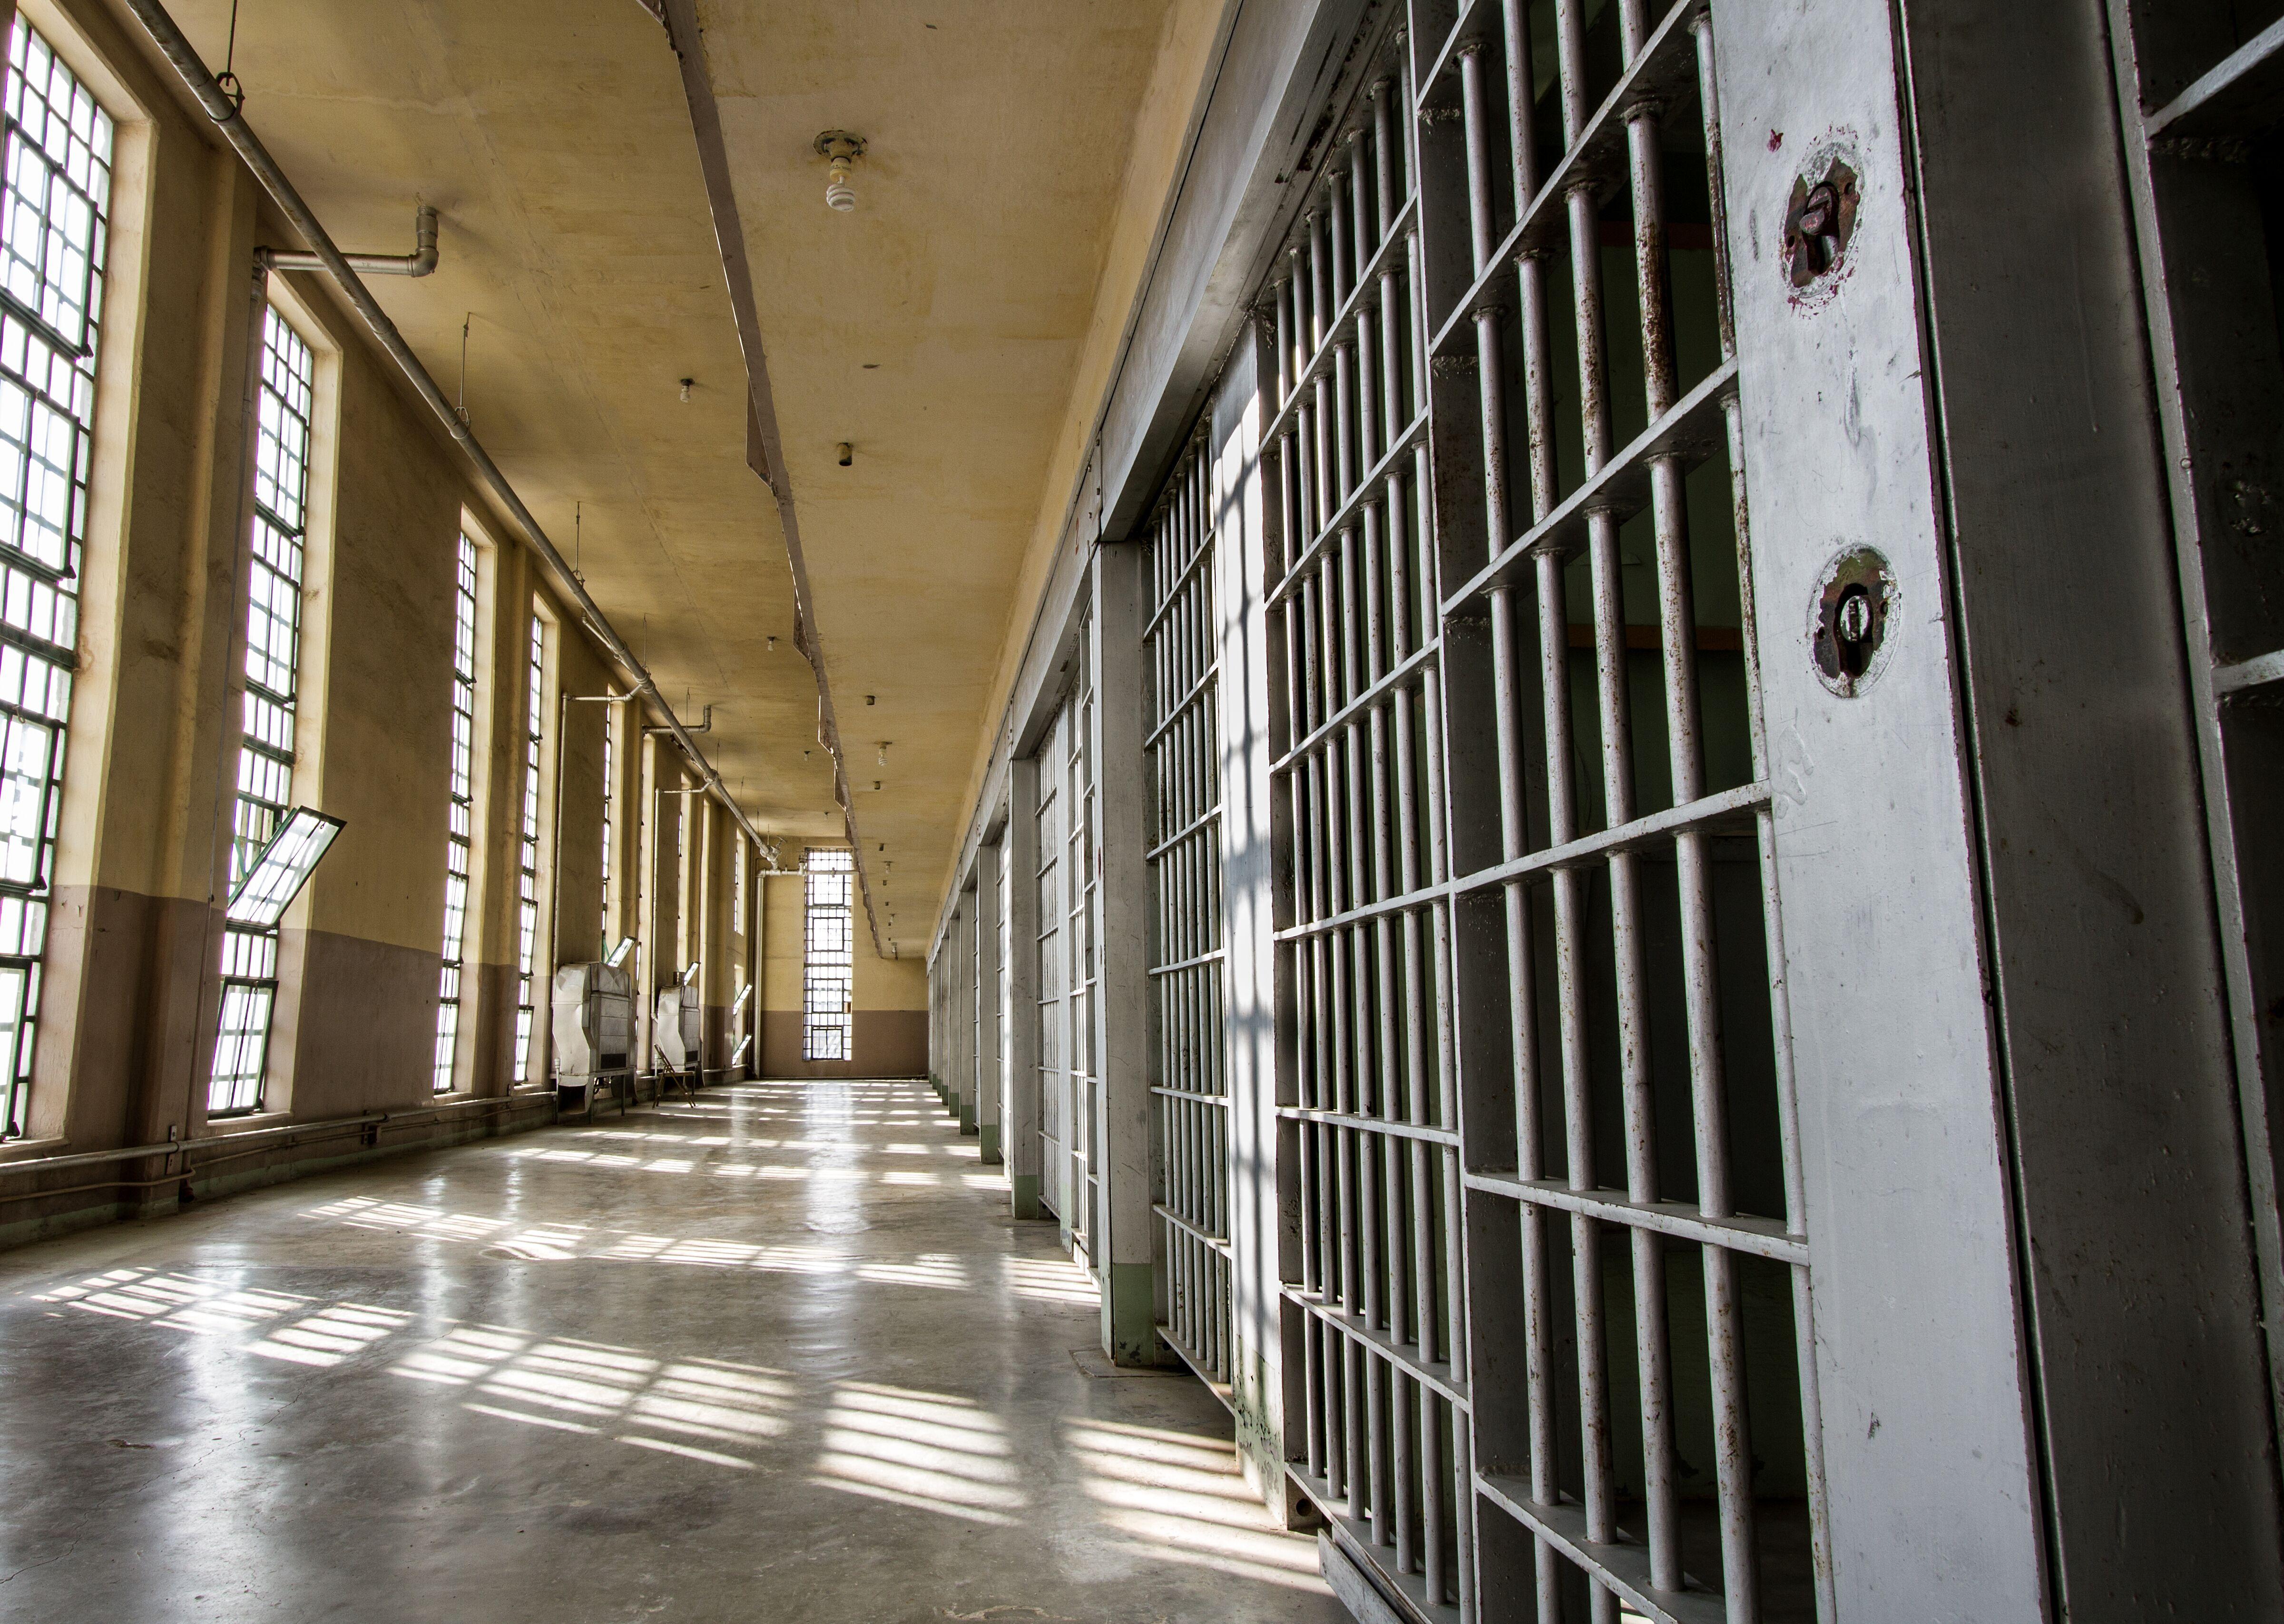 Vue de l'intérieur d'un établissement pénitentiaire   Photo : Getty Images